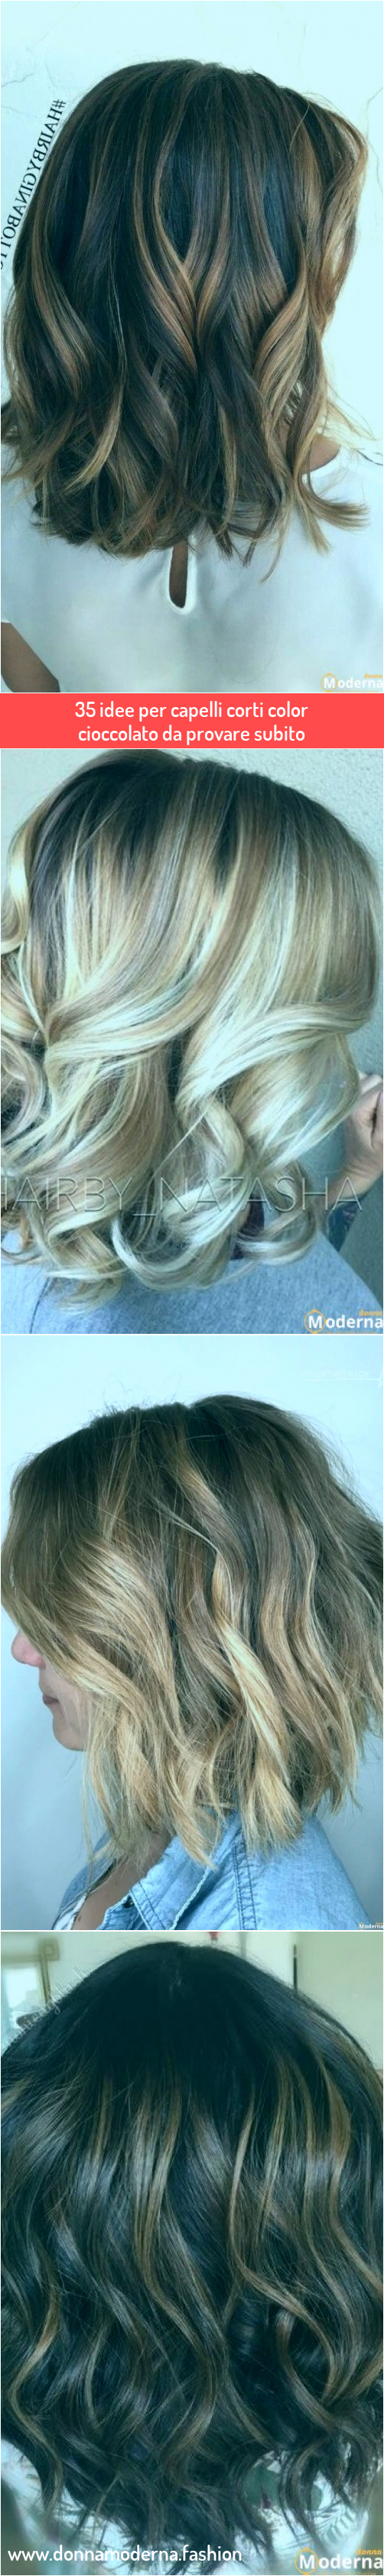 35 idee per capelli corti color cioccolato da provare ...